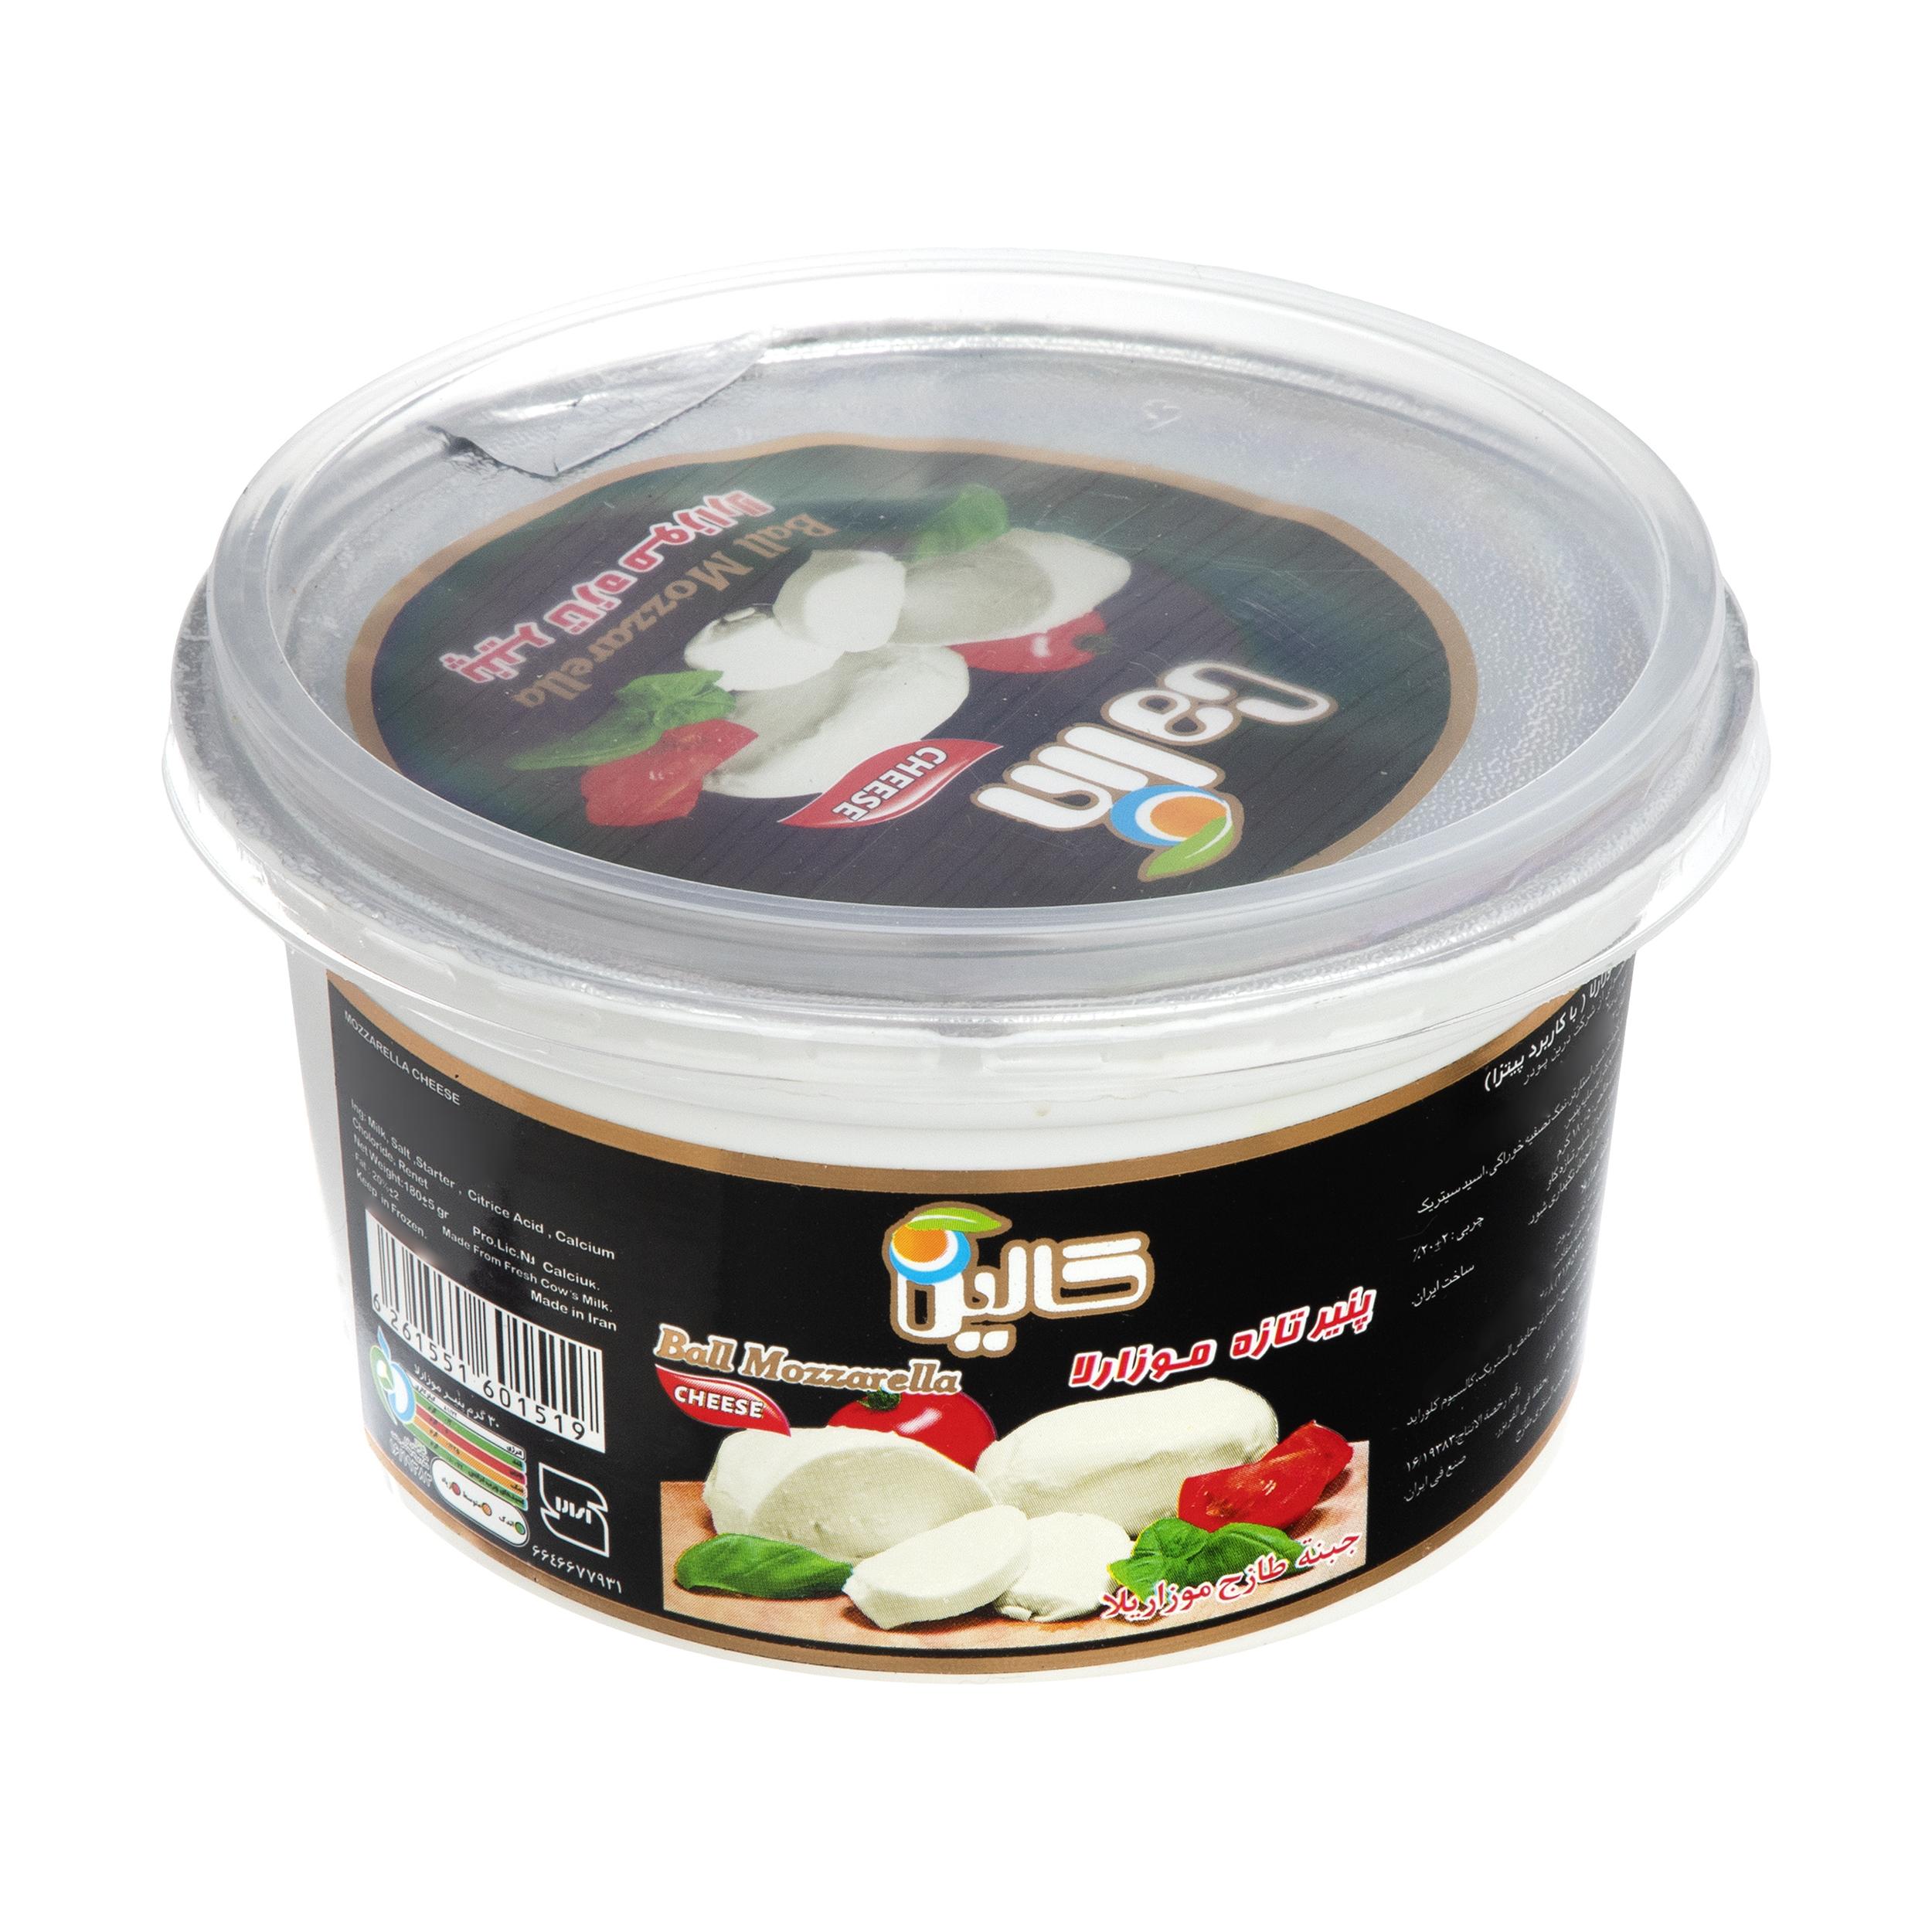 پنیر موزارلا تازه کالین وزن 180 گرم